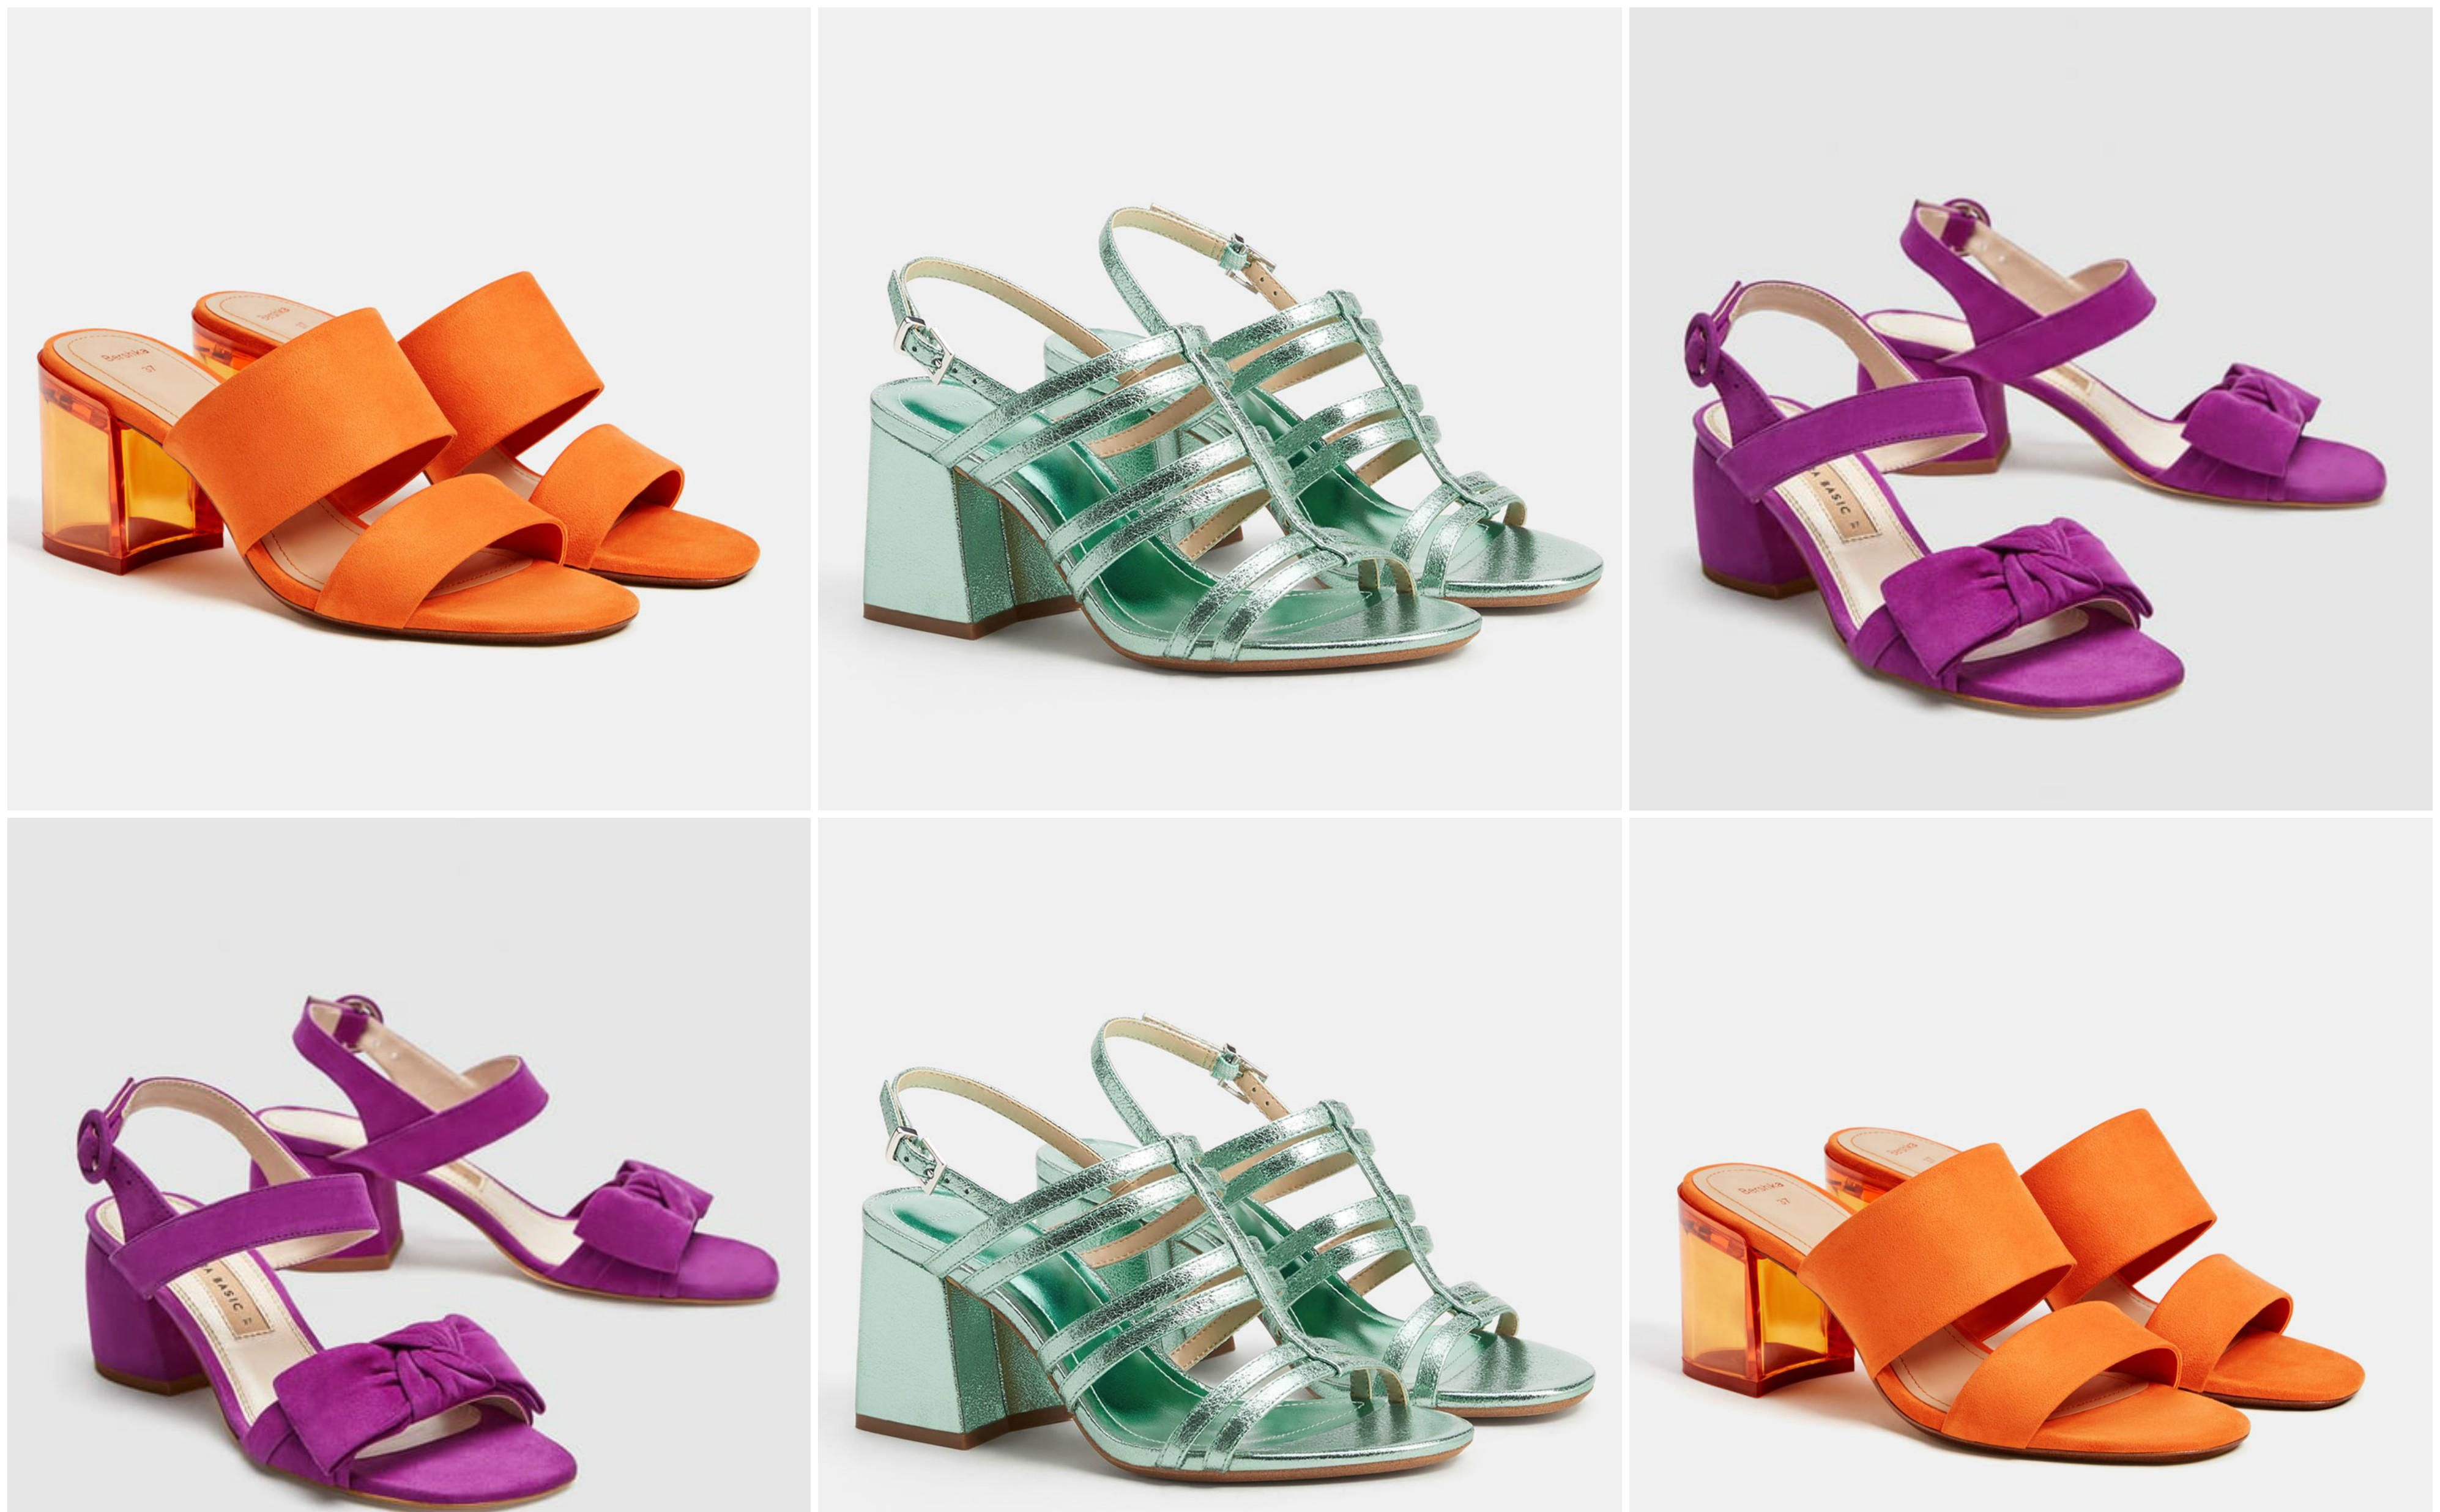 Cipele s blok petom nose se i dalje, a izgledaju bolje nego ikad!